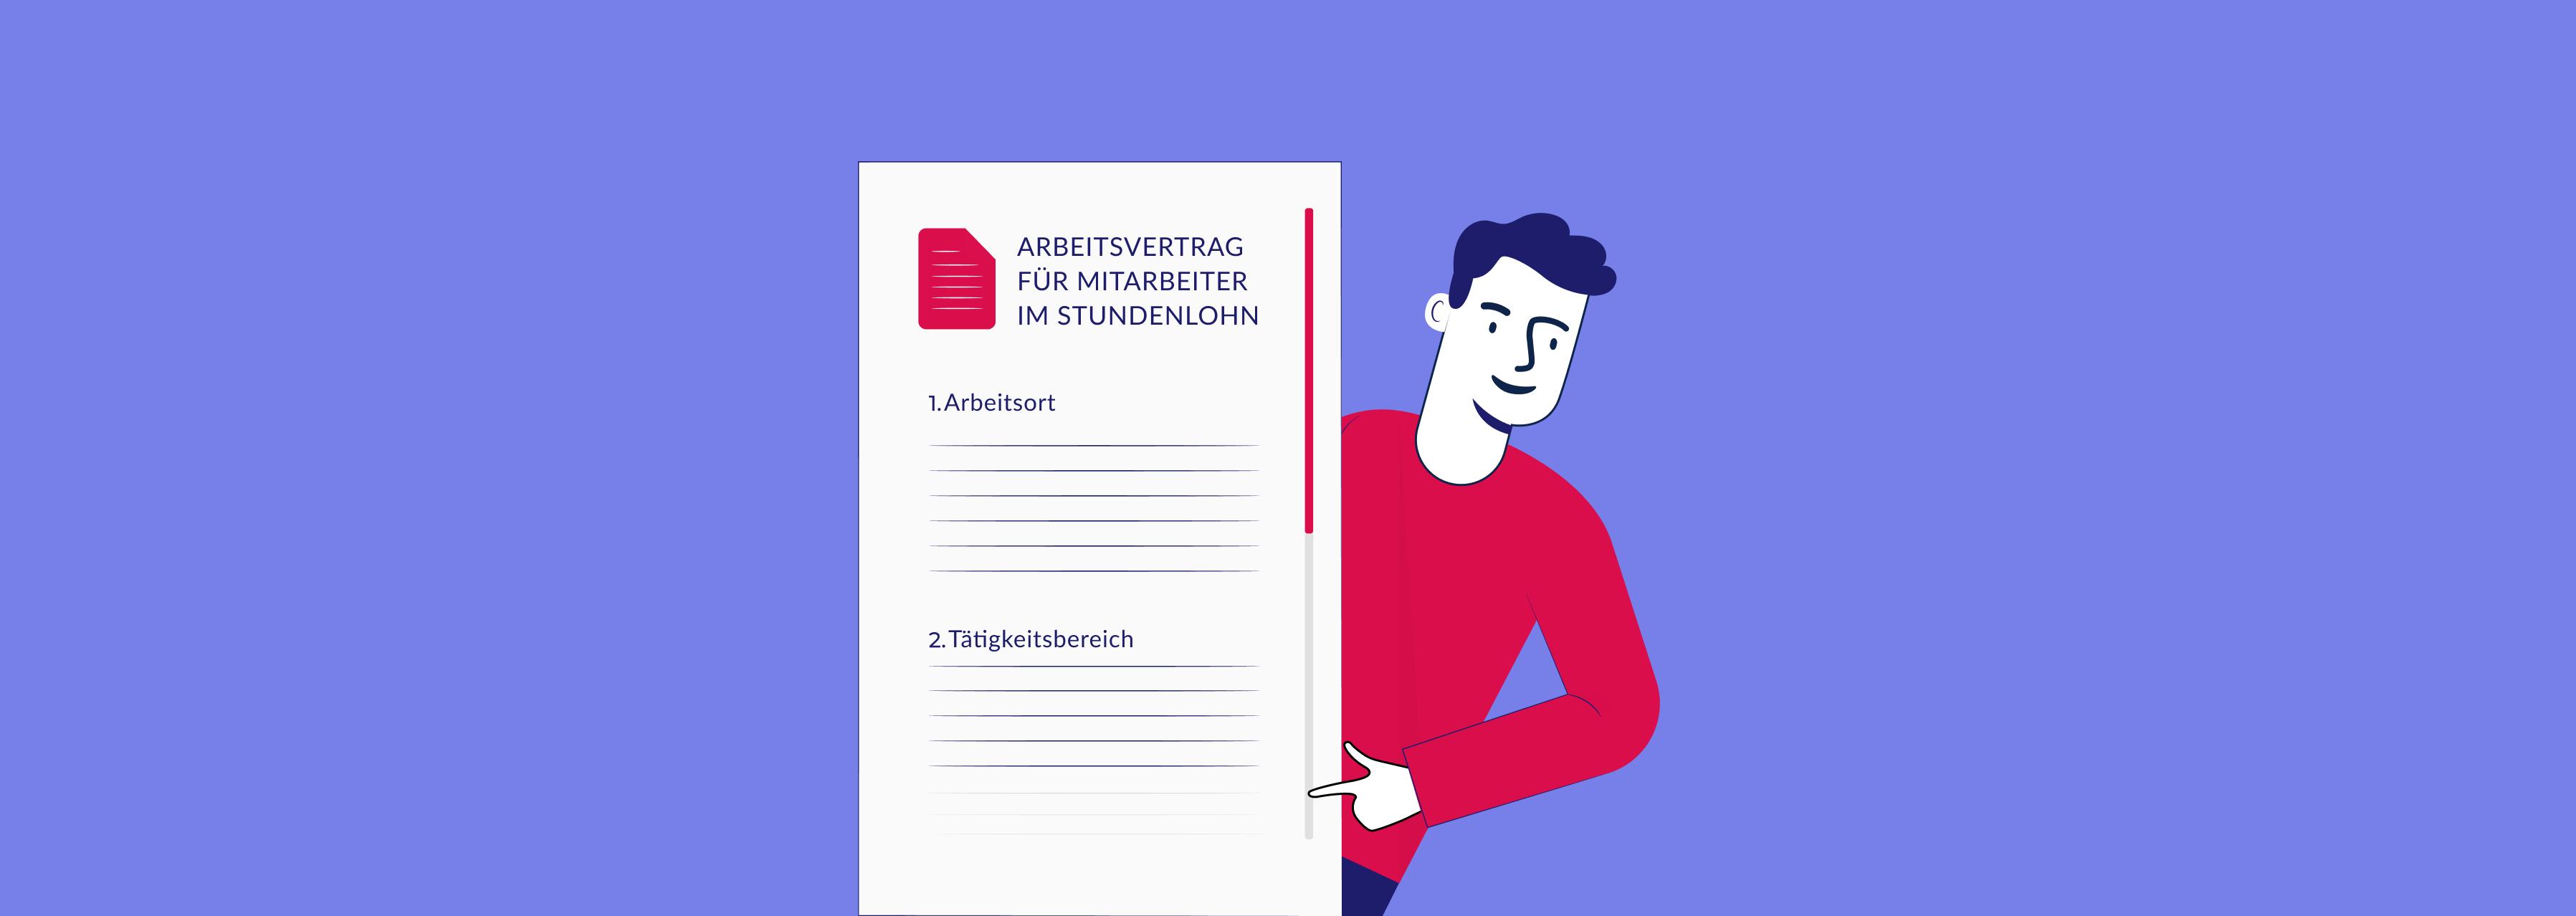 Arbeitsvertrag Auf Abruf Teilzeit Gratis Muster Download Treuhand Suche Ch